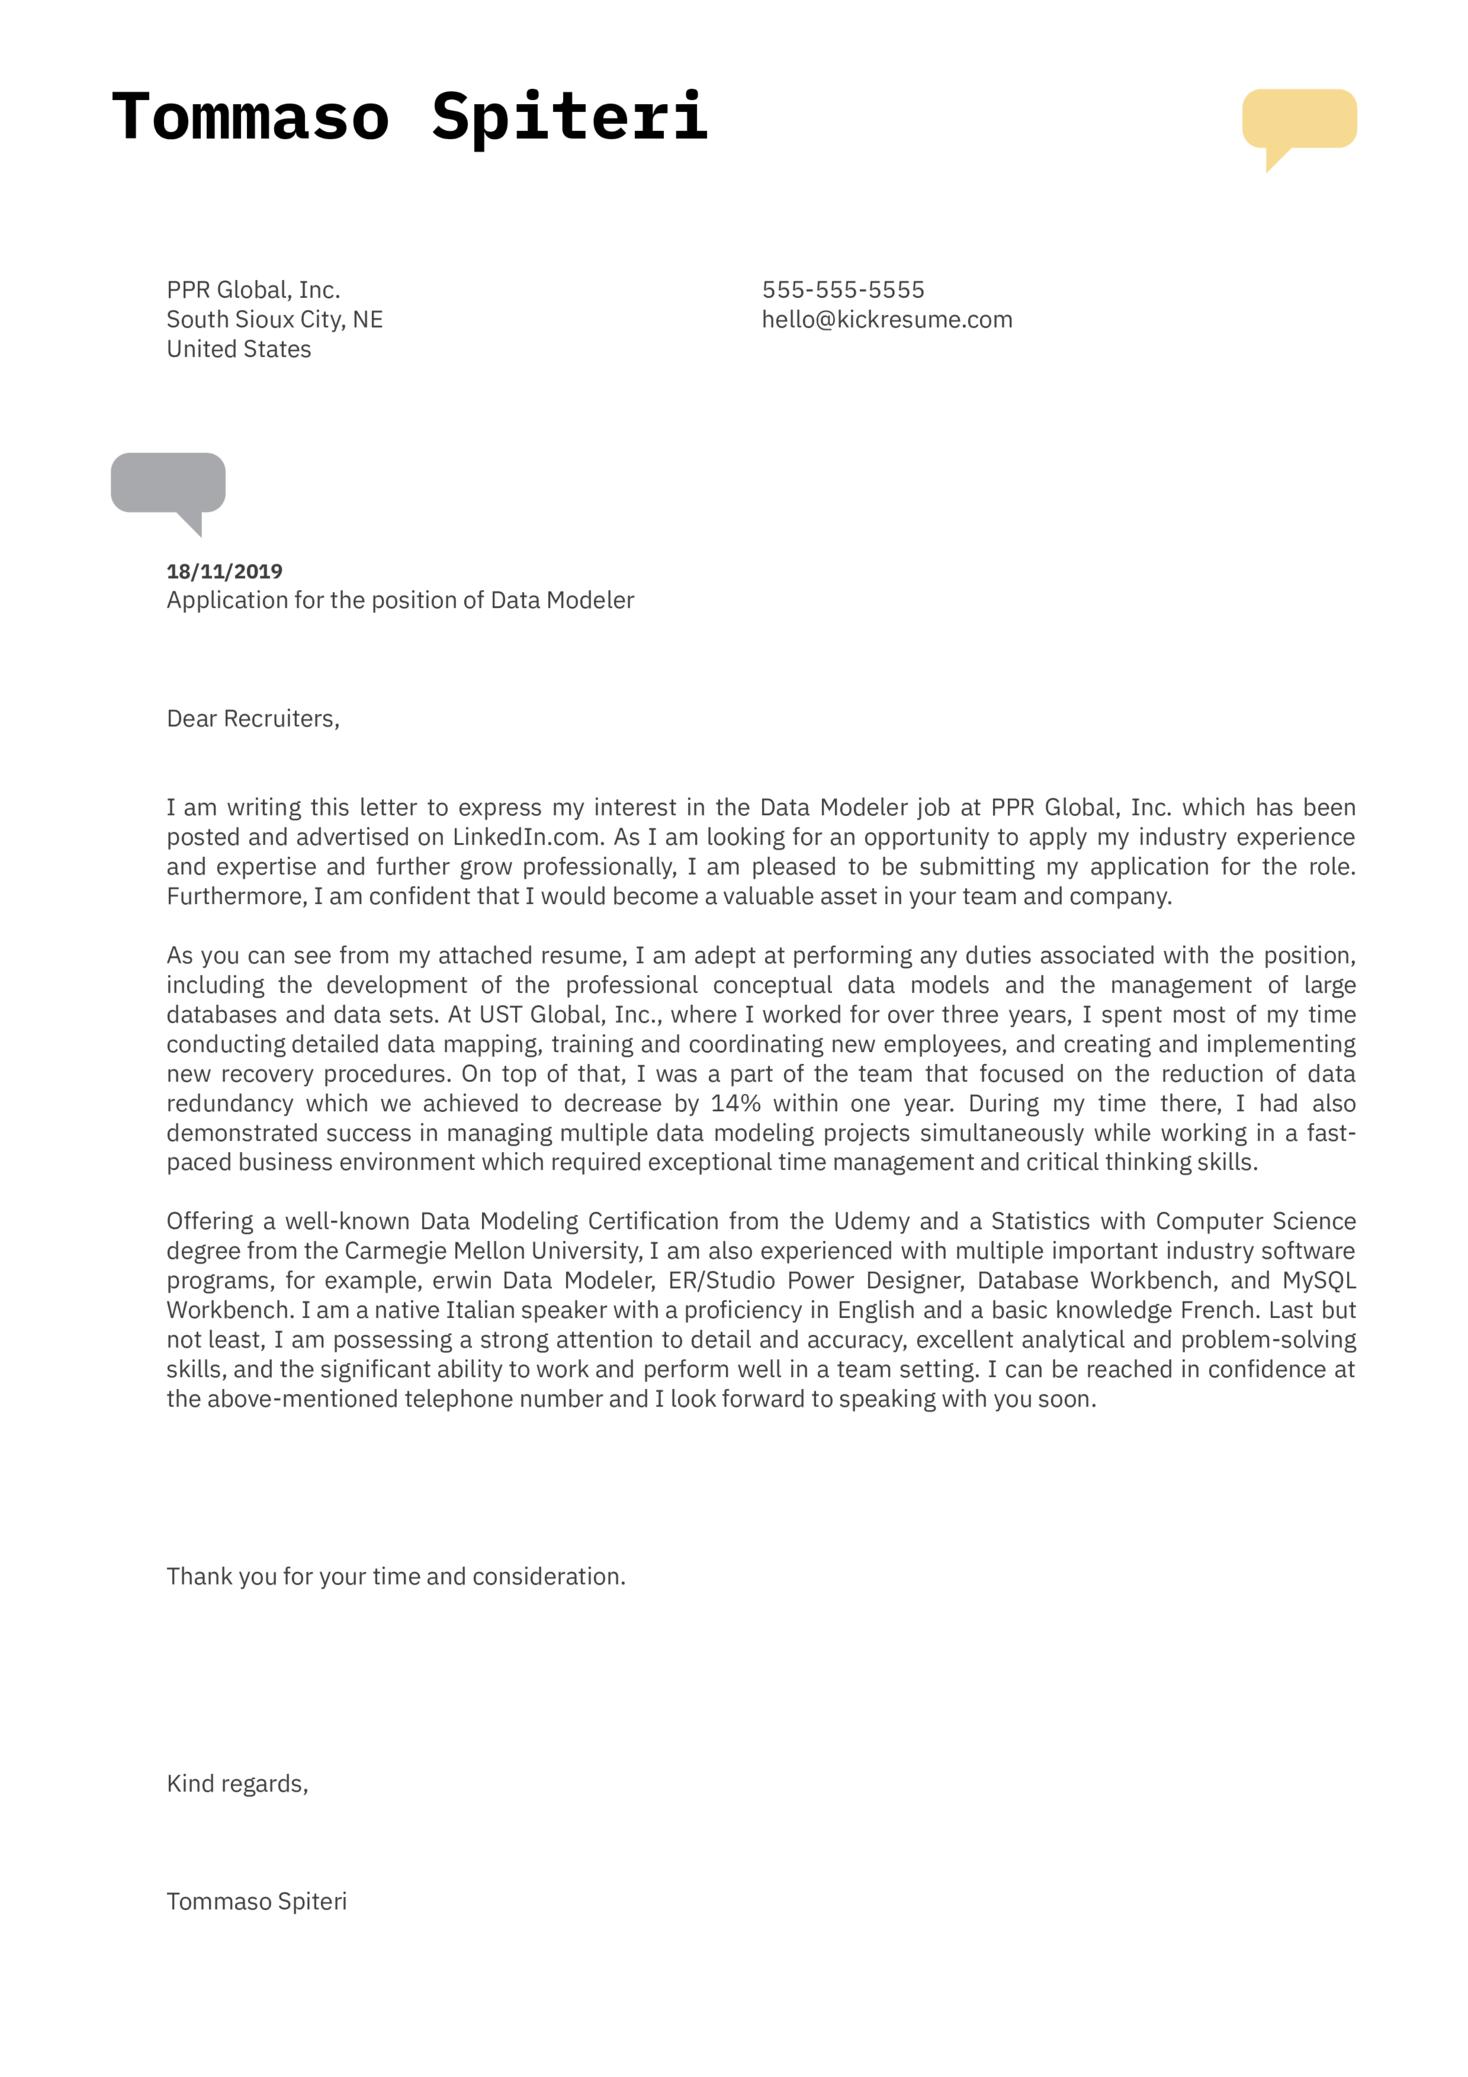 Data Modeler Cover Letter Example